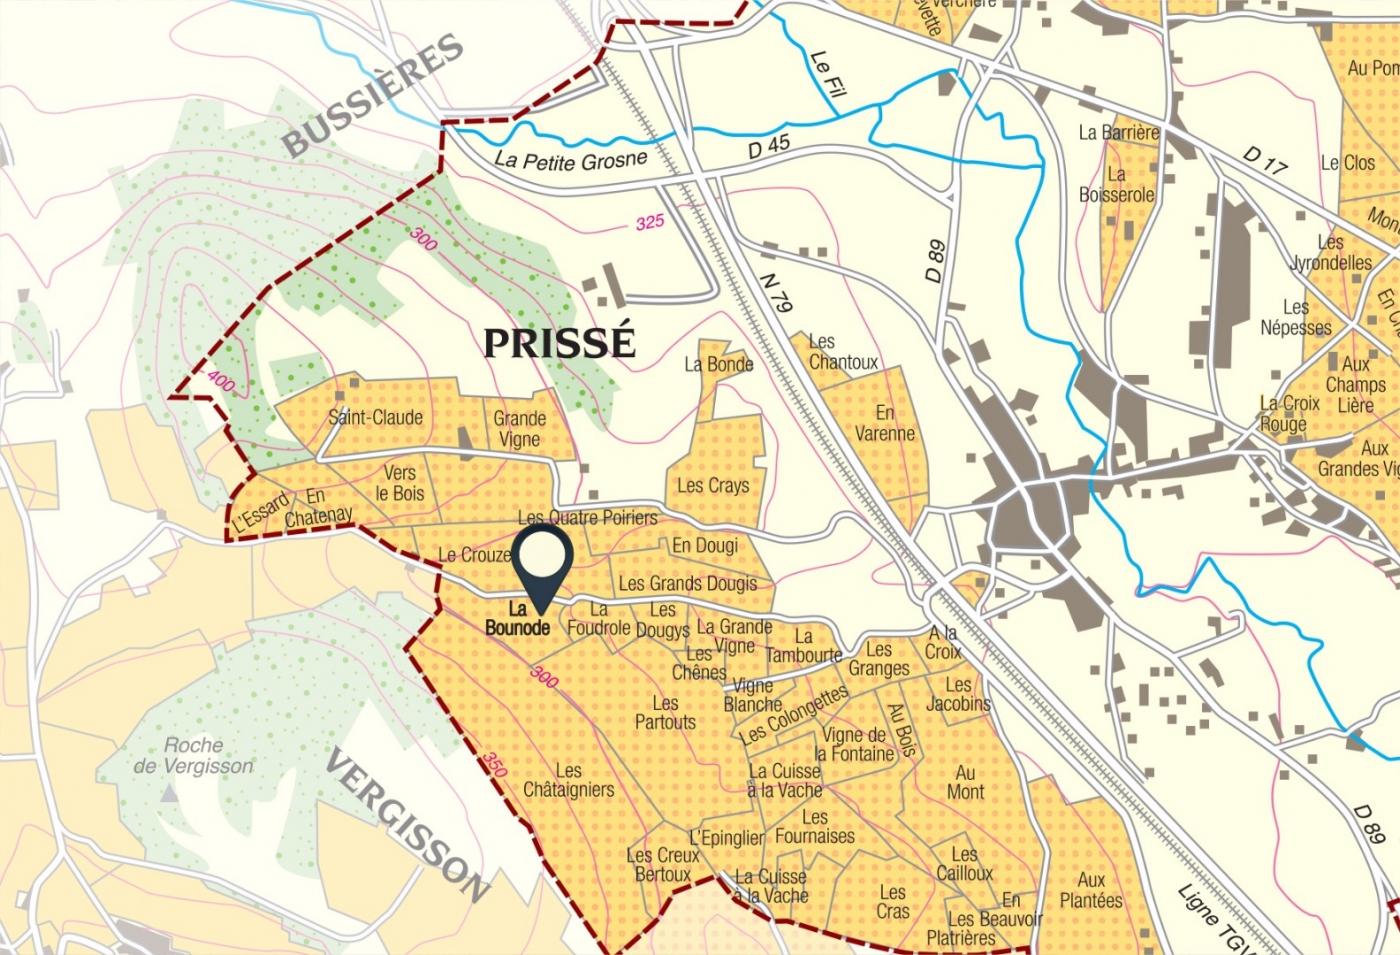 Carte parcelle vin - Saint-Véran Climat «La Bonnode» La Soufrandière